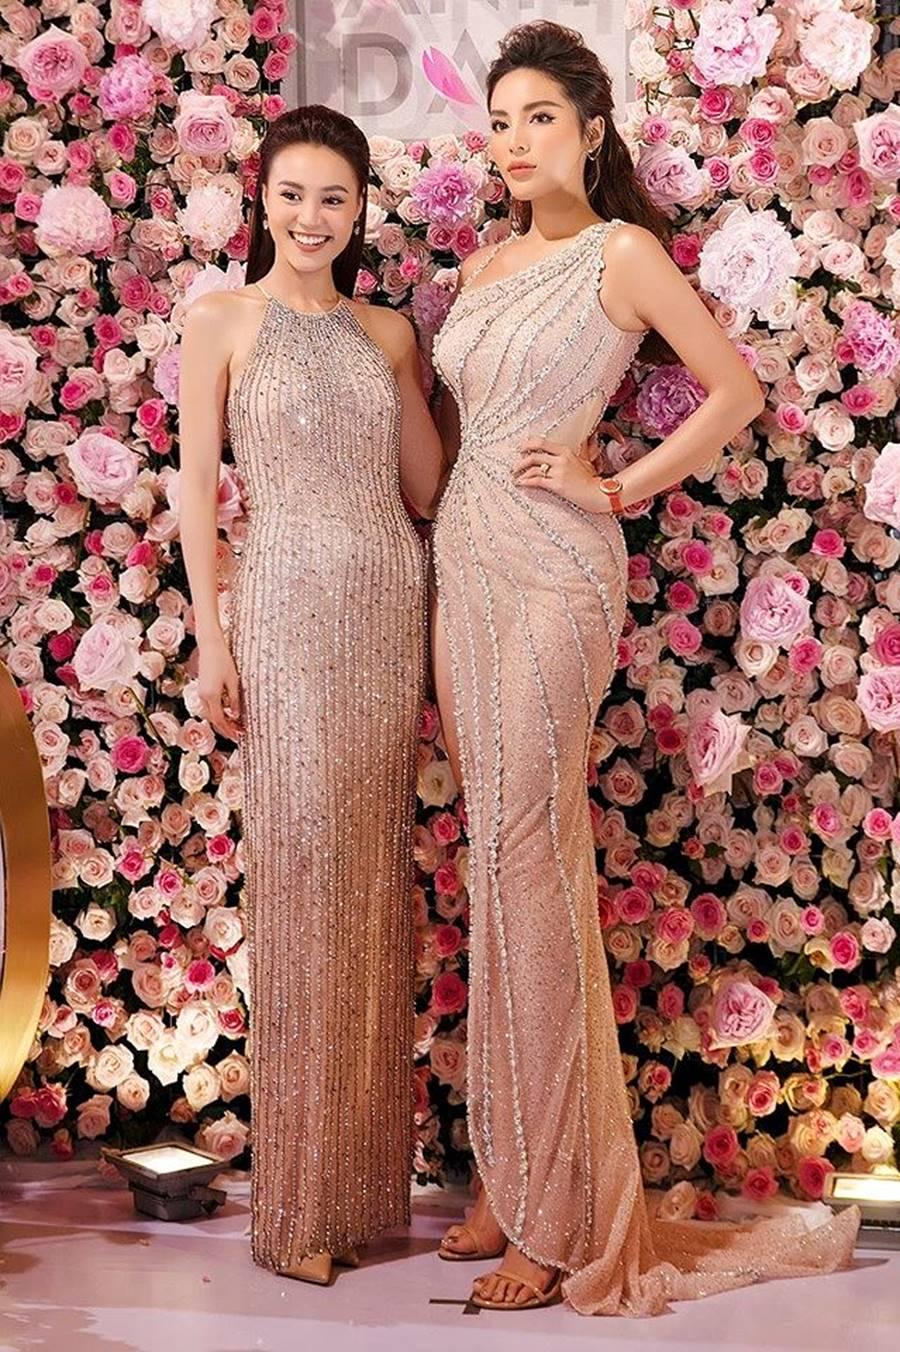 Hoa hậu Kỳ Duyên khoe dáng nóng bỏng với váy xuyên thấu sau khi giảm cân-2